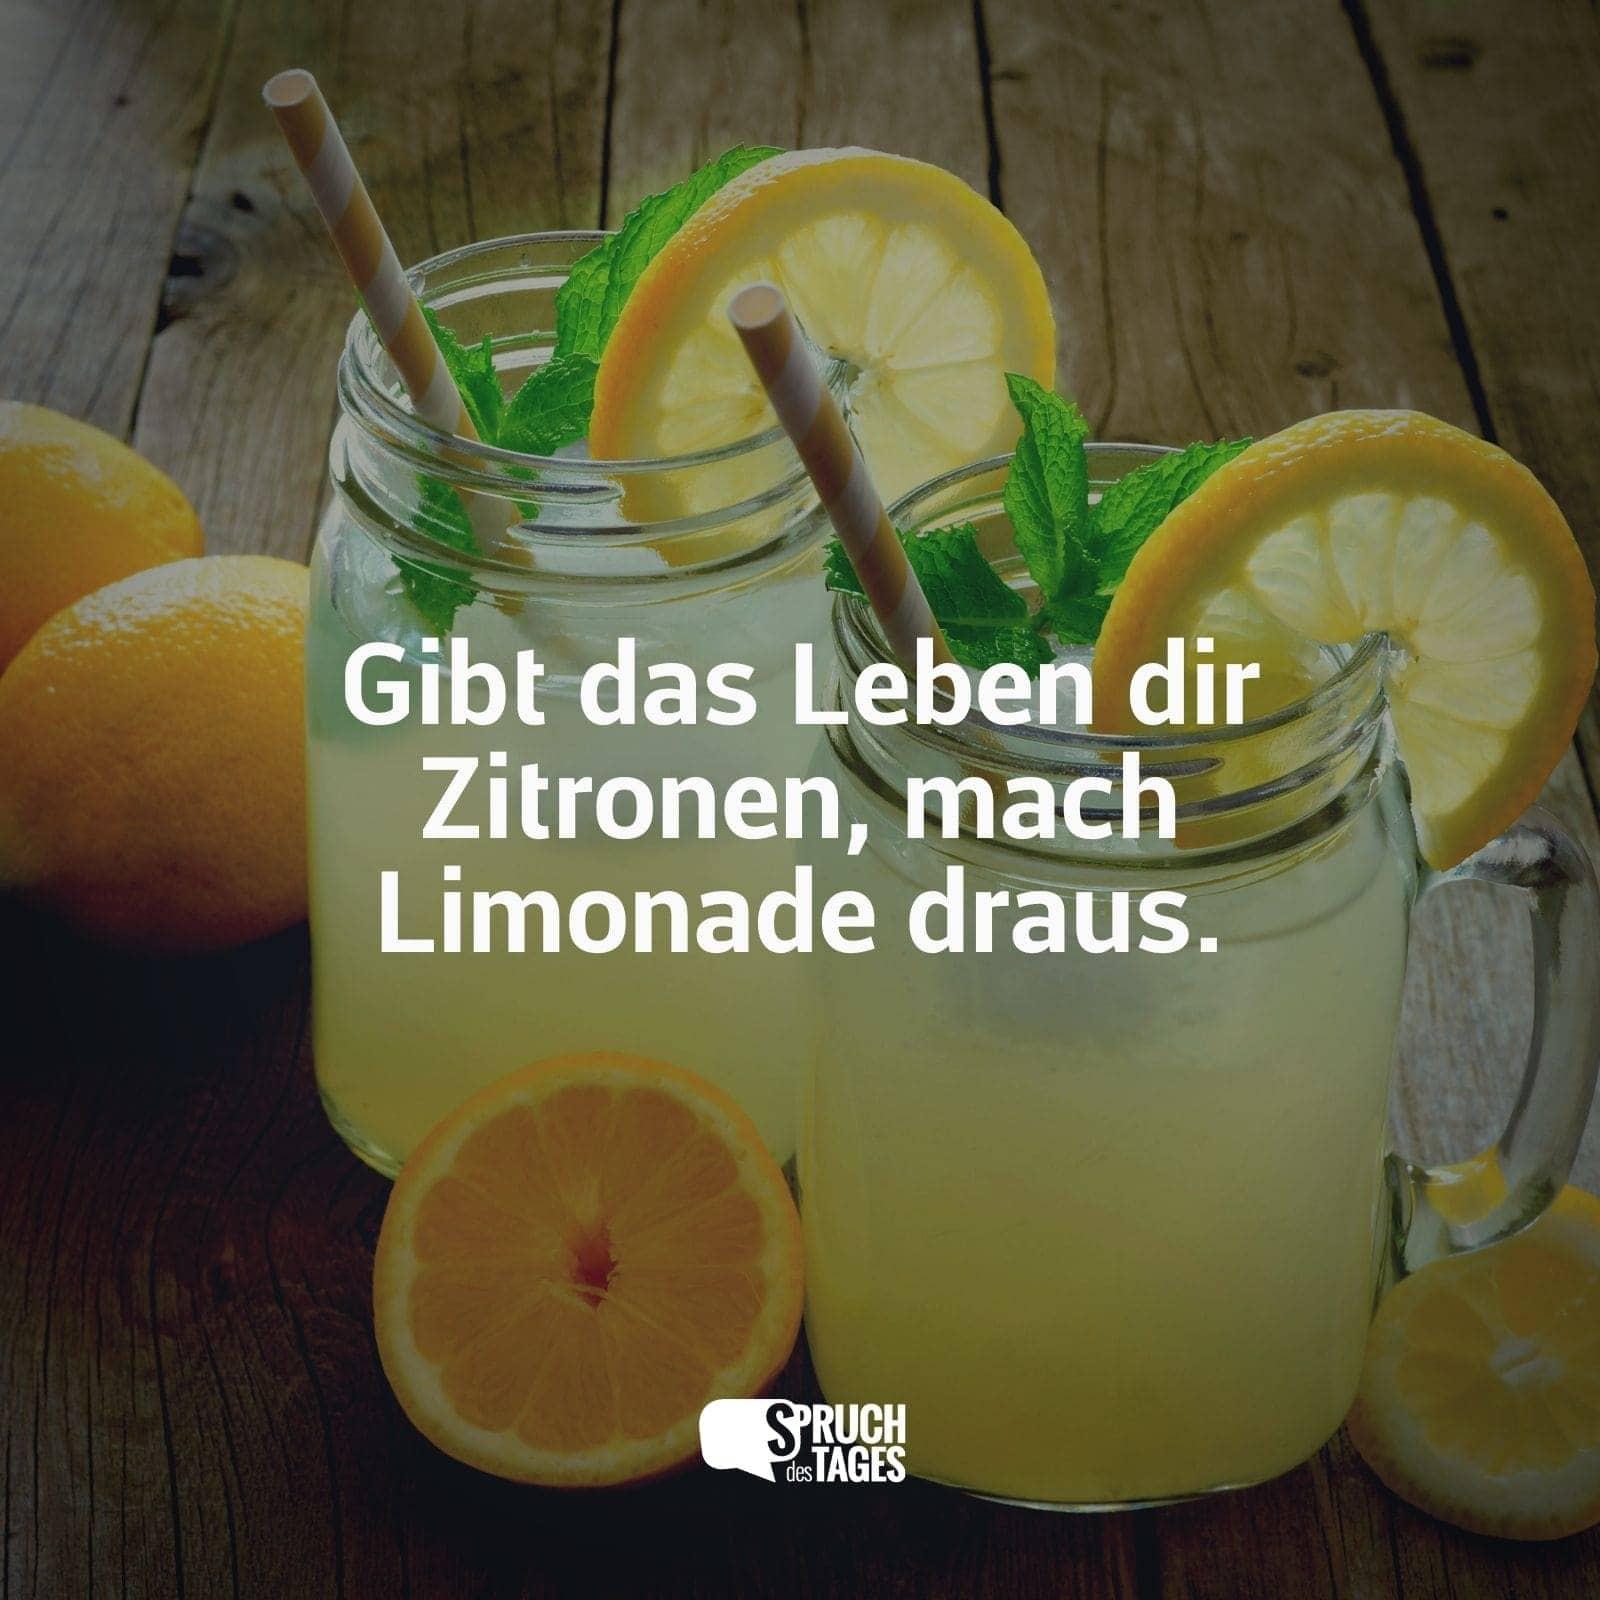 gibt dir das leben eine zitrone sprüche Gibt das Leben dir Zitronen, mach Limonade draus. gibt dir das leben eine zitrone sprüche